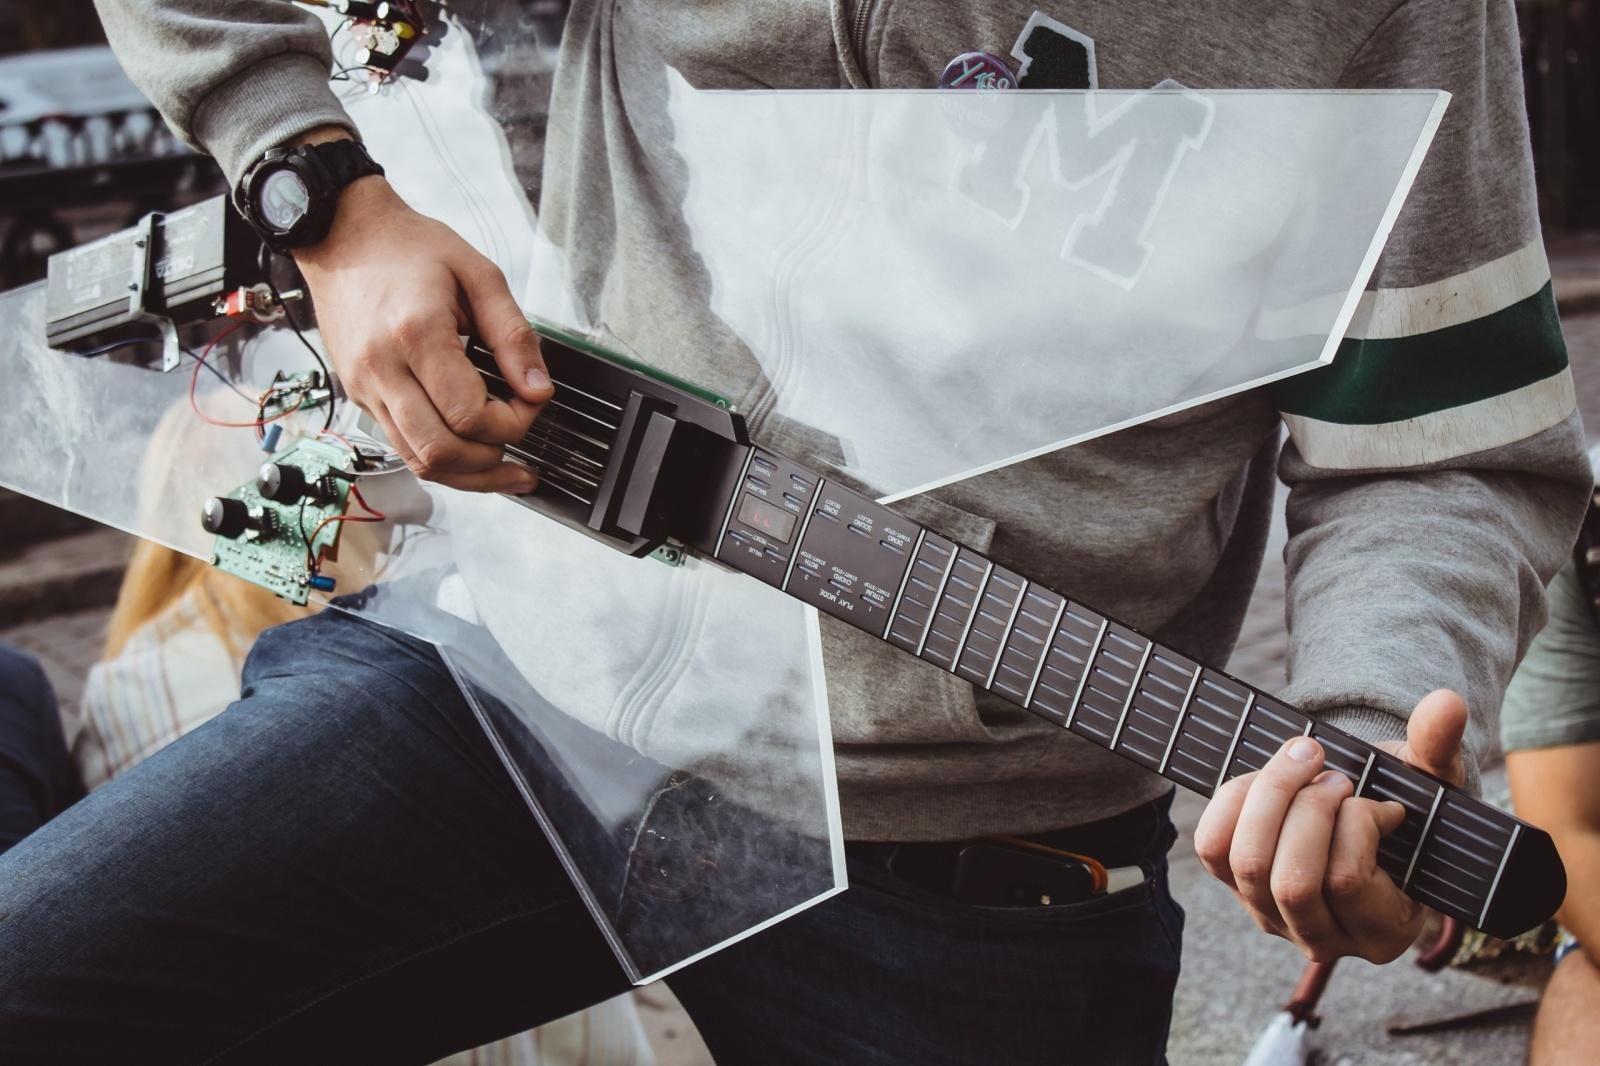 От кнопок к струнам: умная гитара для всех - 3